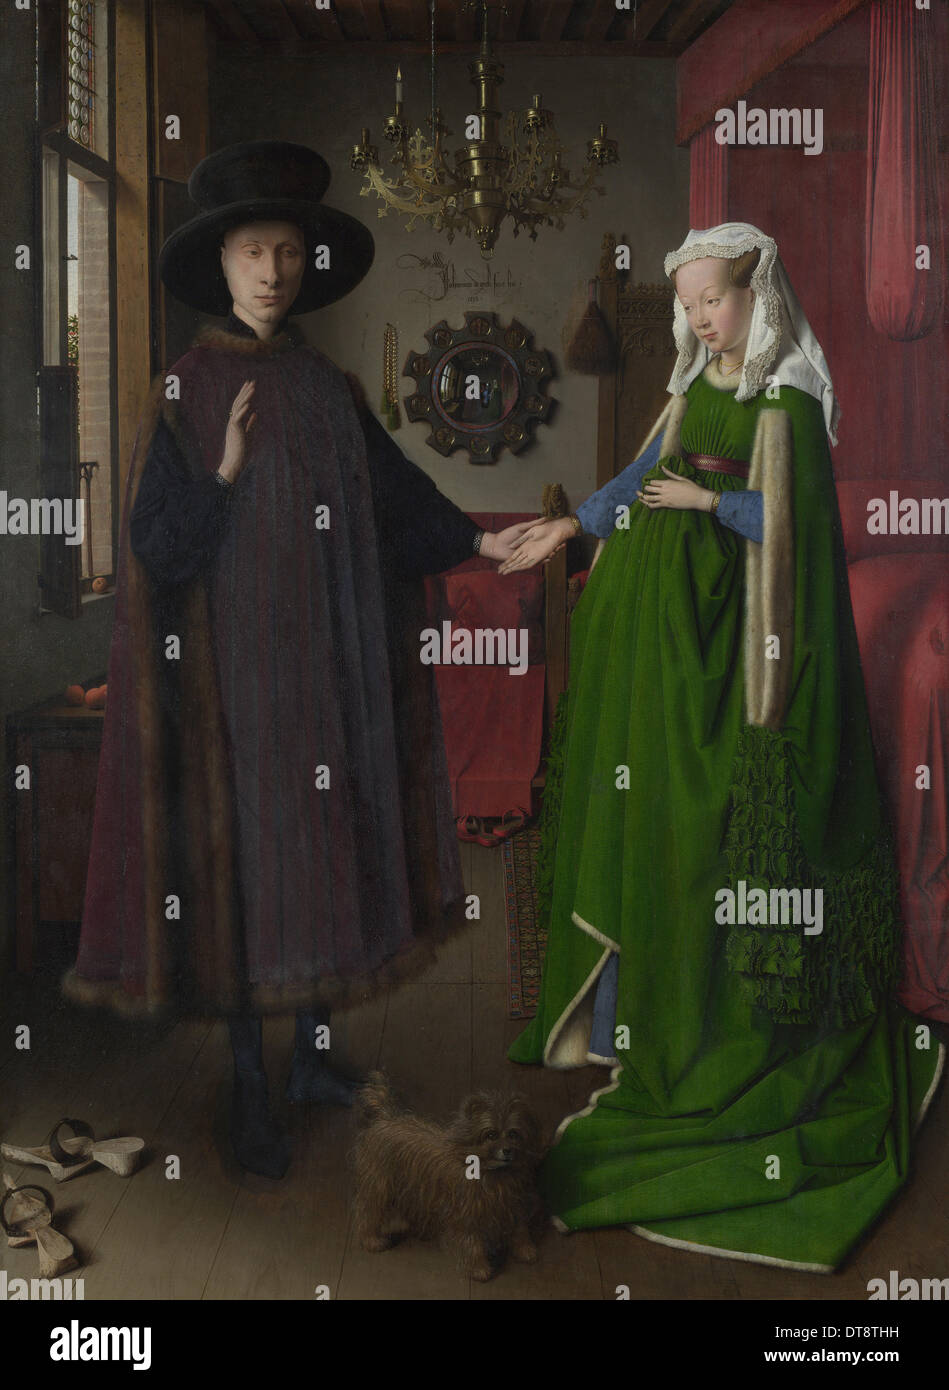 Il Ritratto di Arnolfini, 1434. Artista: Eyck, Jan van (1390-1441) Immagini Stock